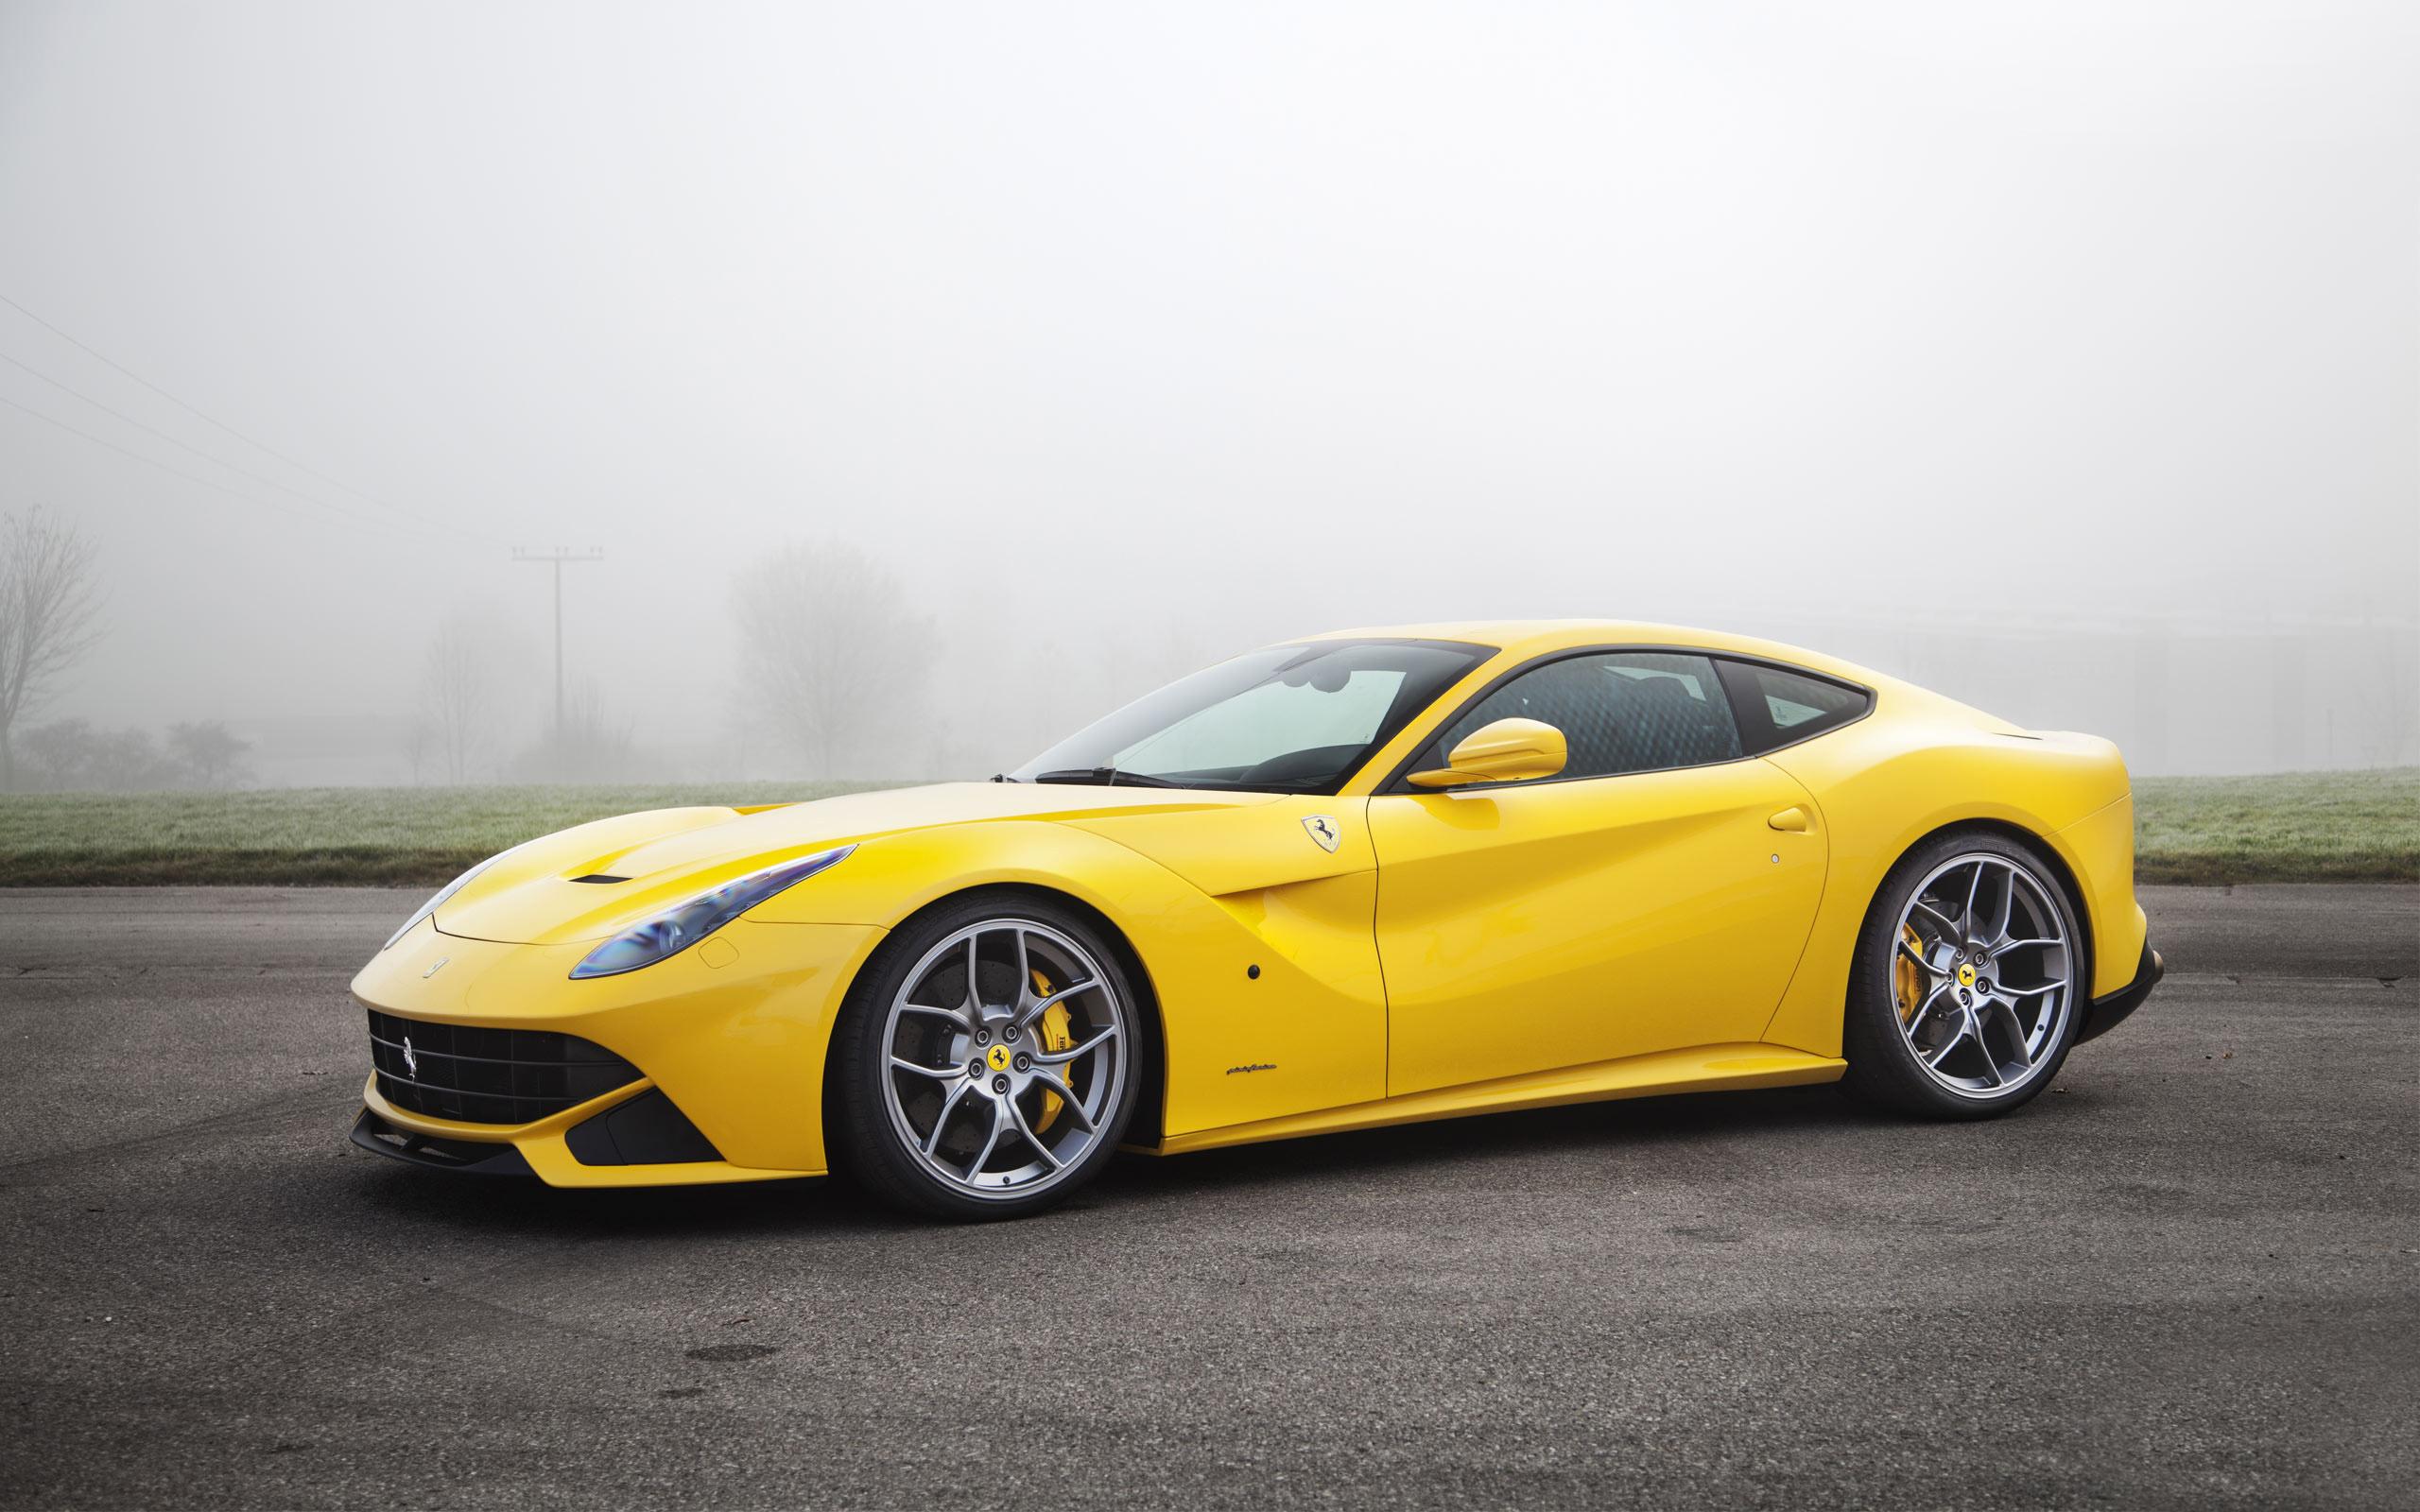 Ferrari F12 Berlinetta обои для рабочего стола, картинки и фото ...